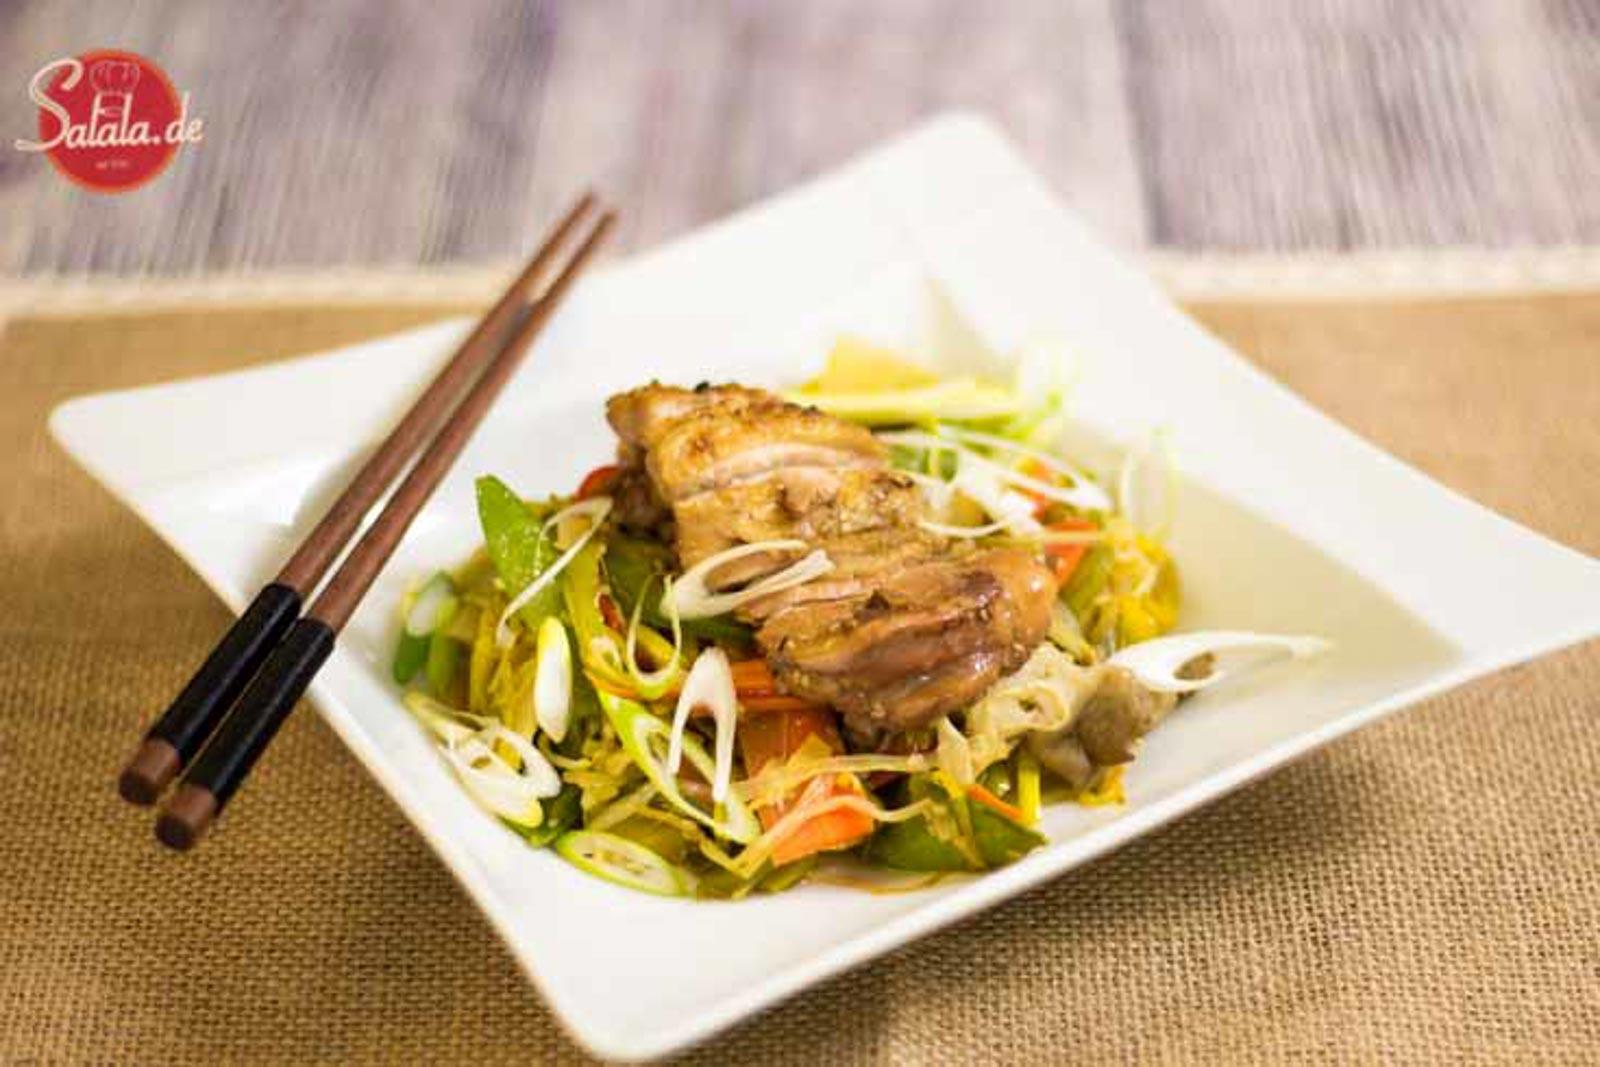 Chinapfanne mit knusprigem Hähnchen low carb - by salala.de - Hähnchen Paprika Lauch Möhren Sesam China Asiatisch Rezept